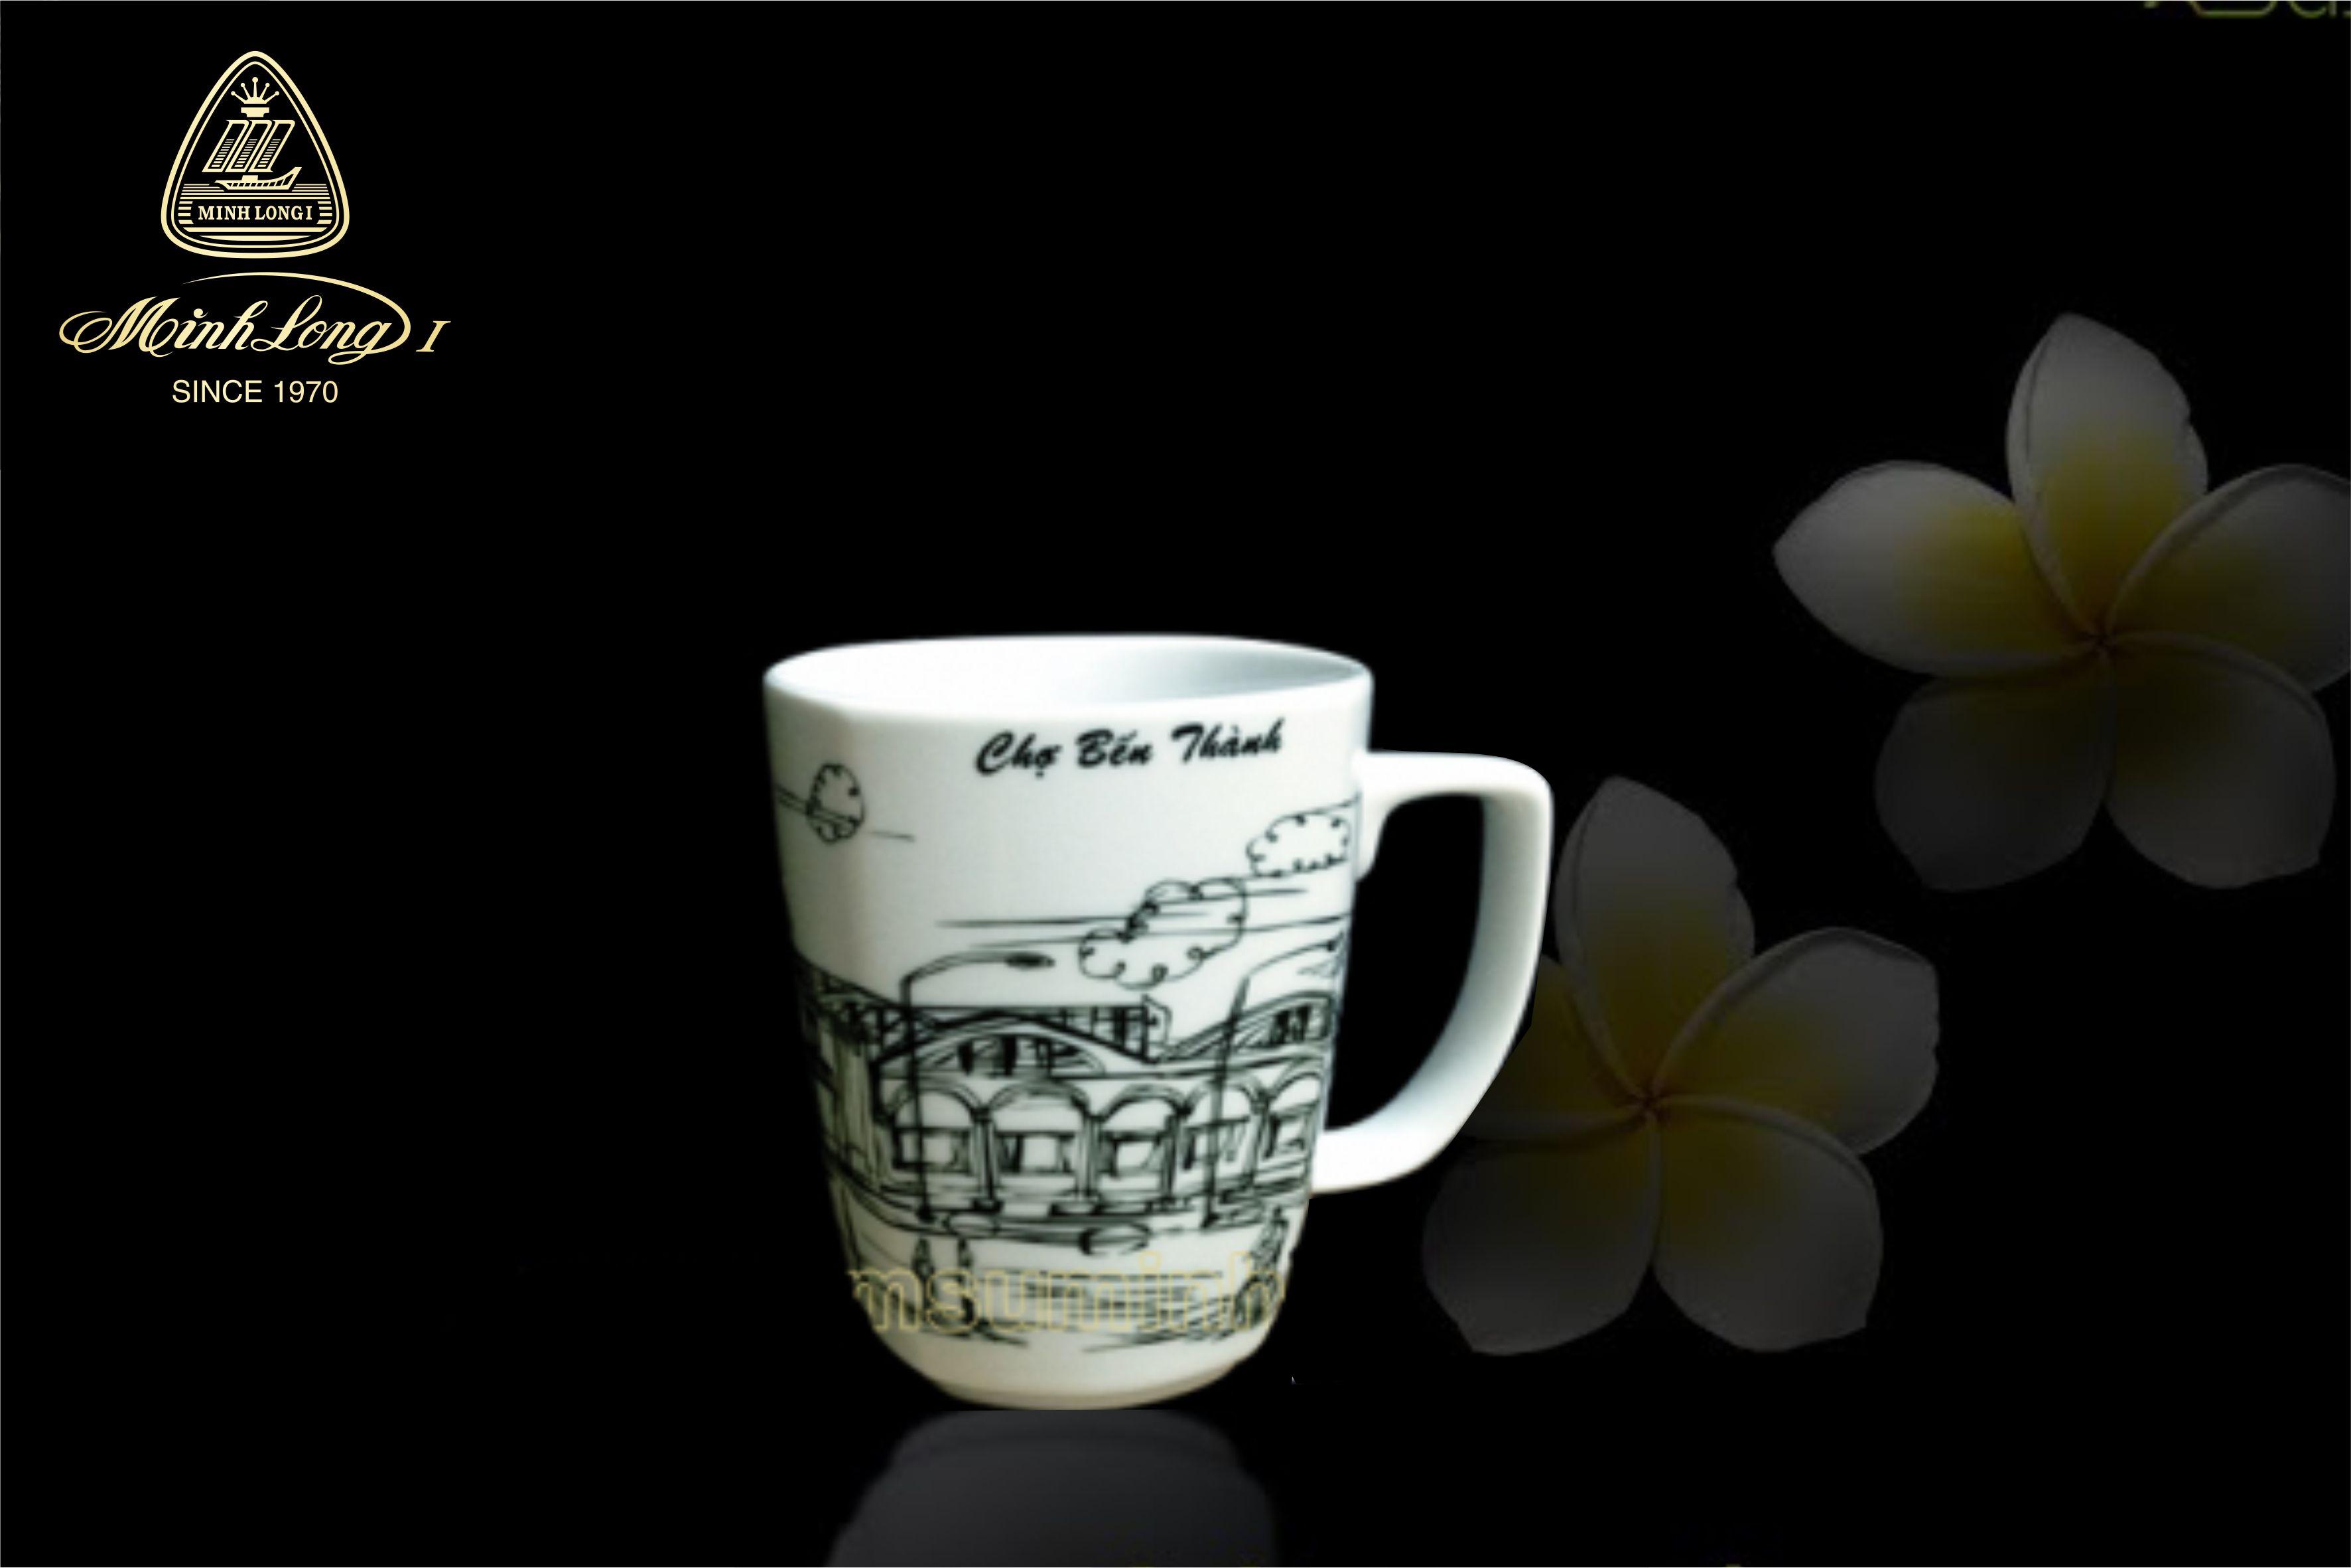 Ca trà 0.36L Vuông T Chợ Bến Thành 153635067 Minh Long